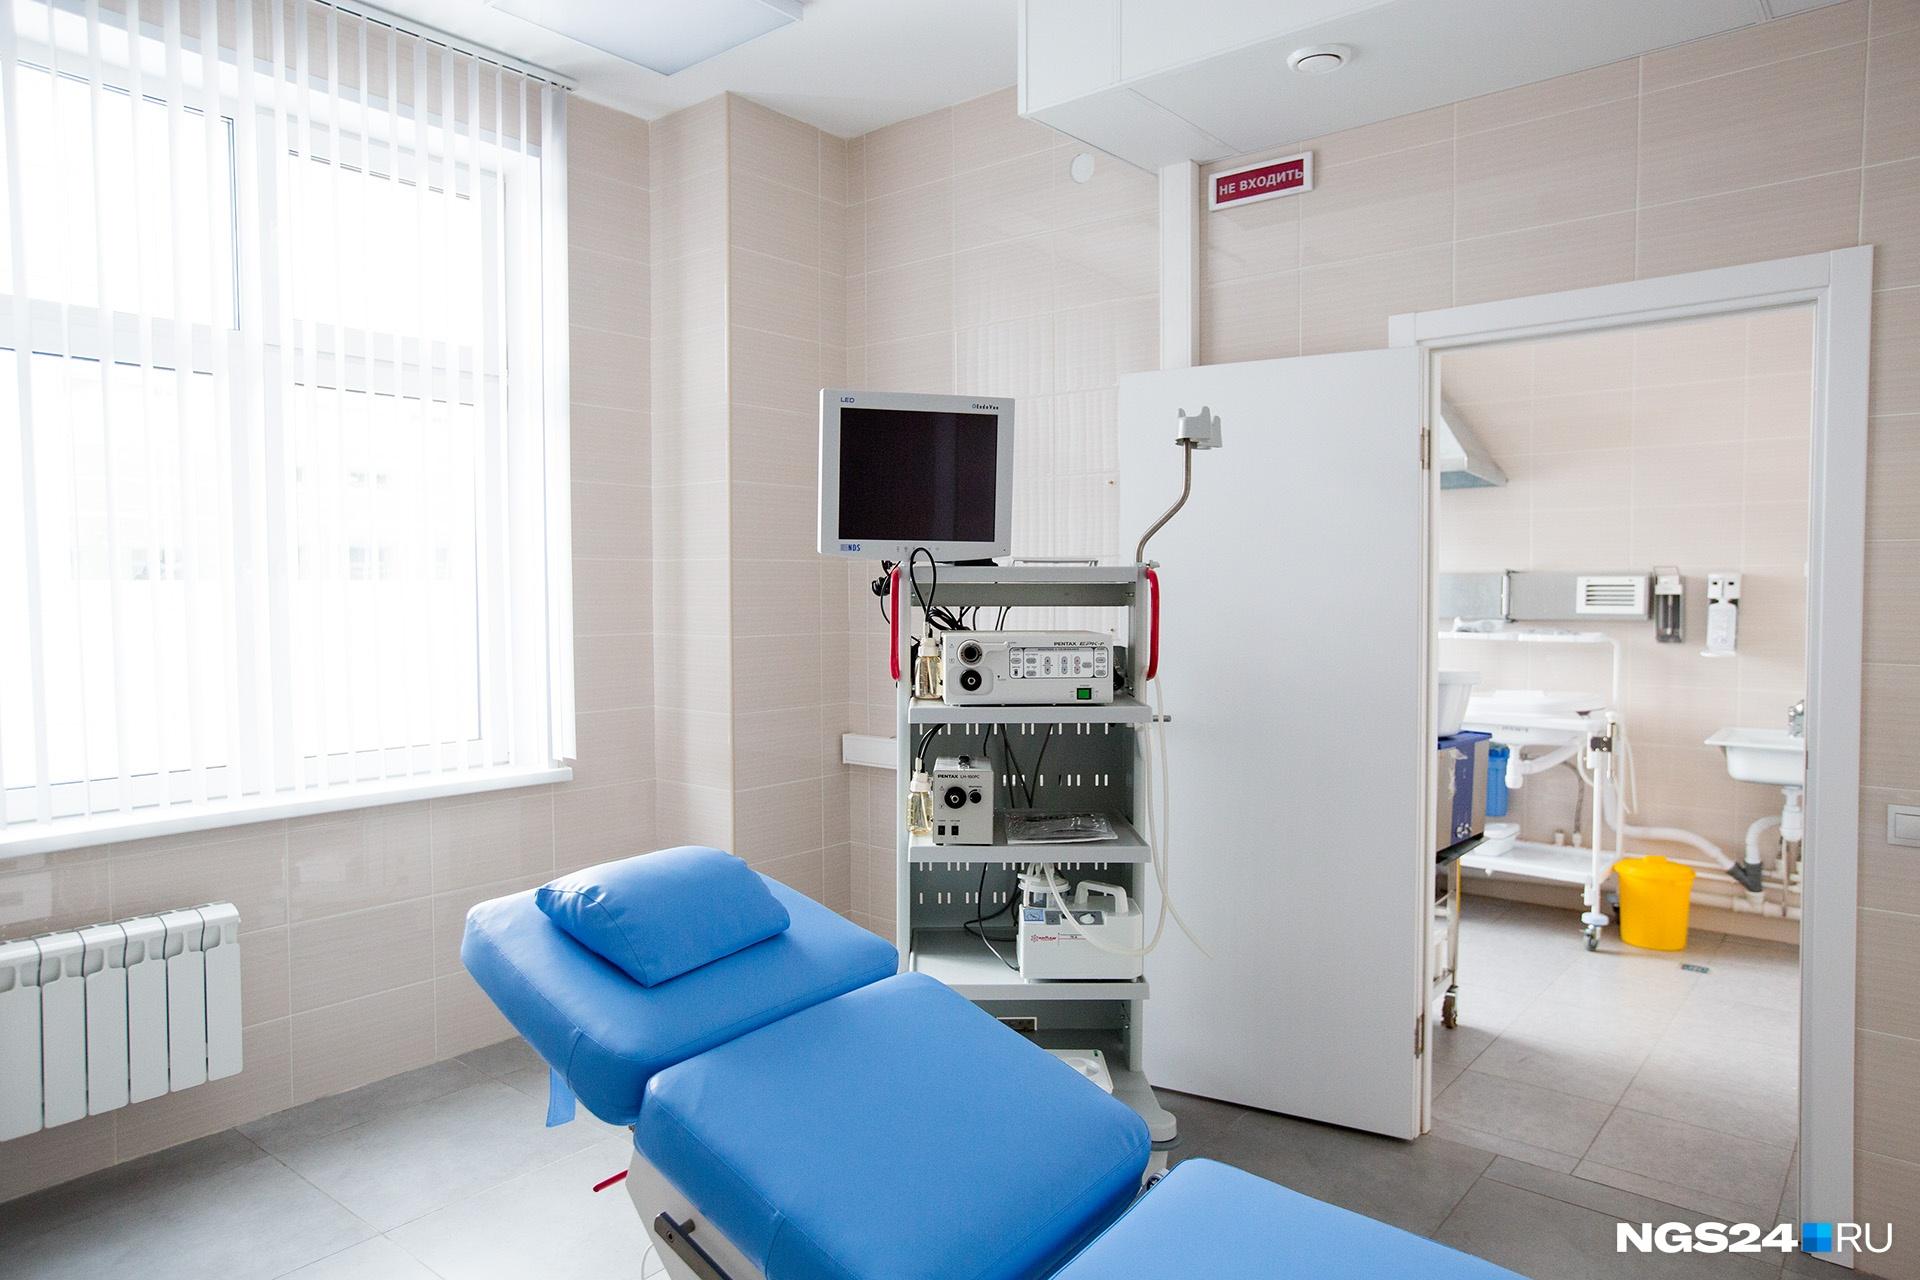 Кабинет для эндоскопических процедур